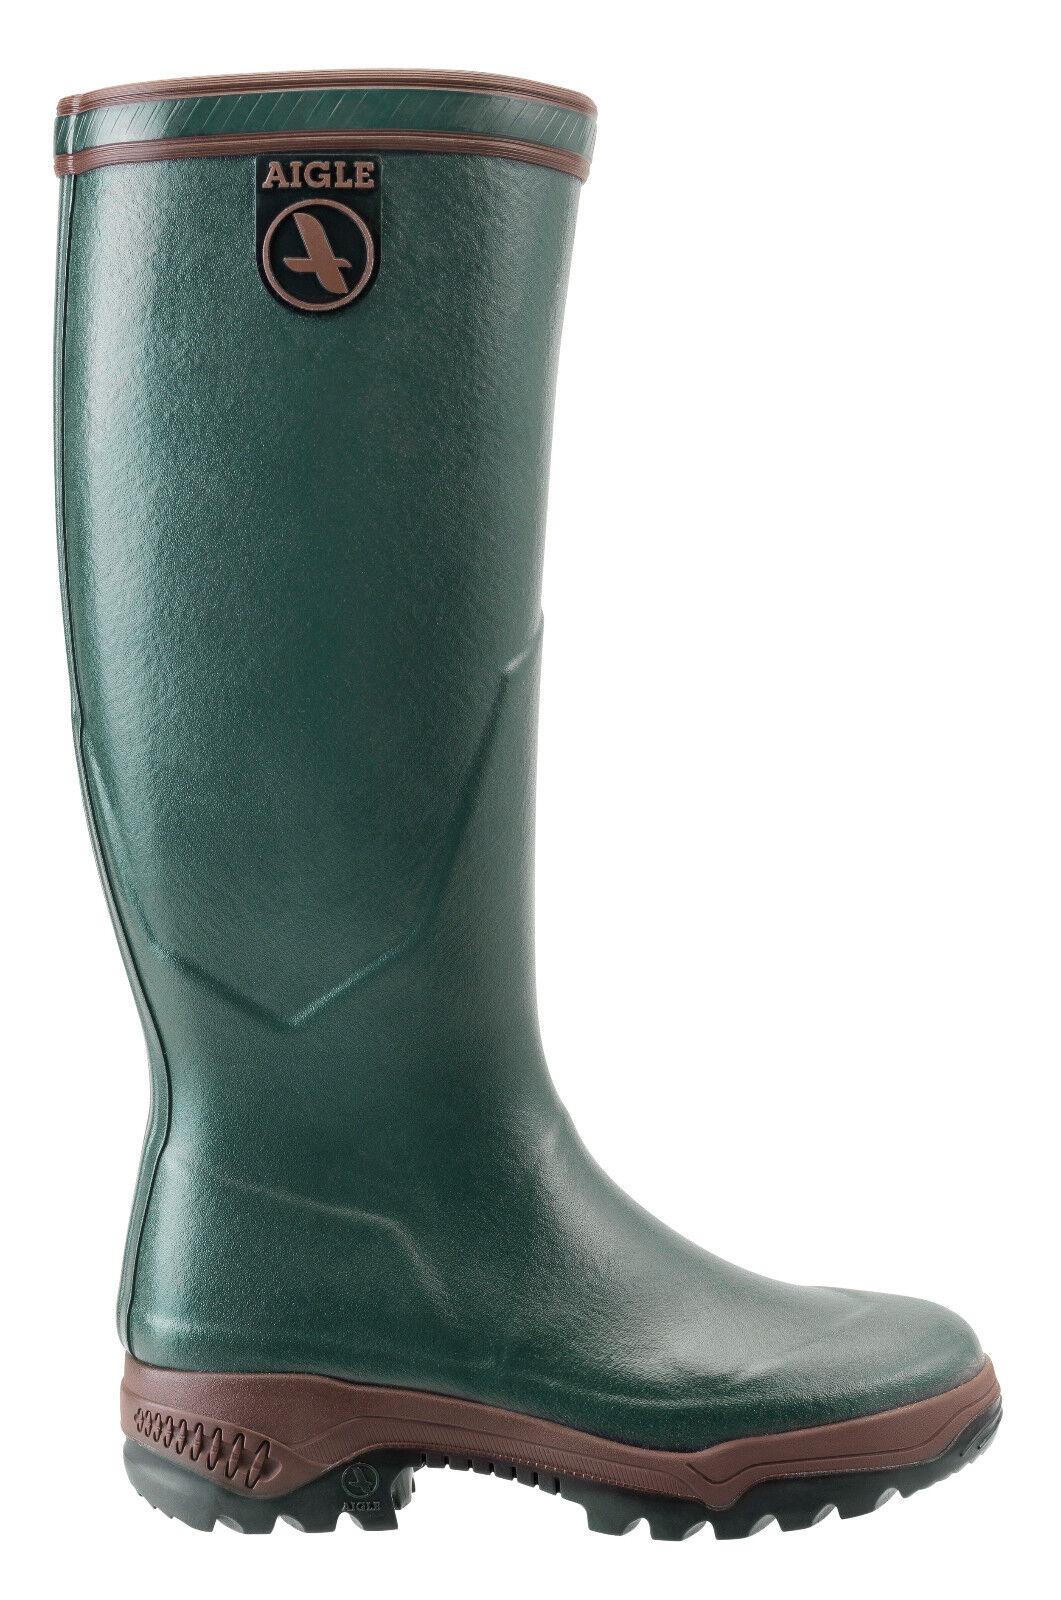 SALE Ladies Aigle Boots Parcours 2 Rubber Wellington Boots Aigle Green 1611ef